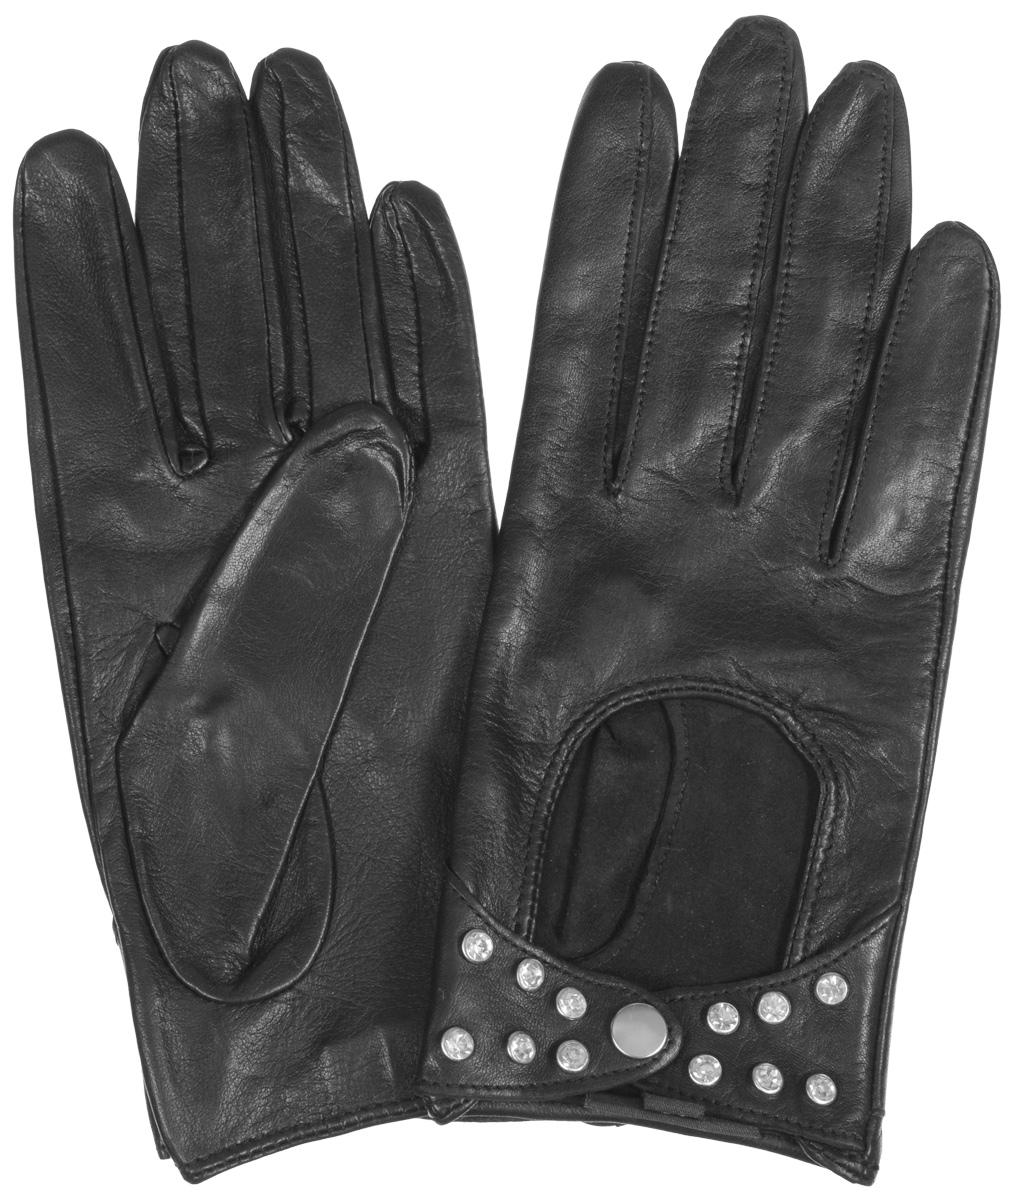 ПерчаткиHP02751Стильные женские перчатки Eleganzza не только защитят ваши руки от холода, но и станут великолепным украшением. Перчатки выполнены из чрезвычайно мягкой и приятной на ощупь натуральной кожи. Лицевая сторона перчаток на запястье застегивается хлястиками на кнопку, декорирована металлическими клепками. В настоящее время перчатки являются неотъемлемой принадлежностью одежды, вместе с этим аксессуаром вы обретаете женственность и элегантность. Перчатки станут завершающим и подчеркивающим элементом вашего стиля и неповторимости.